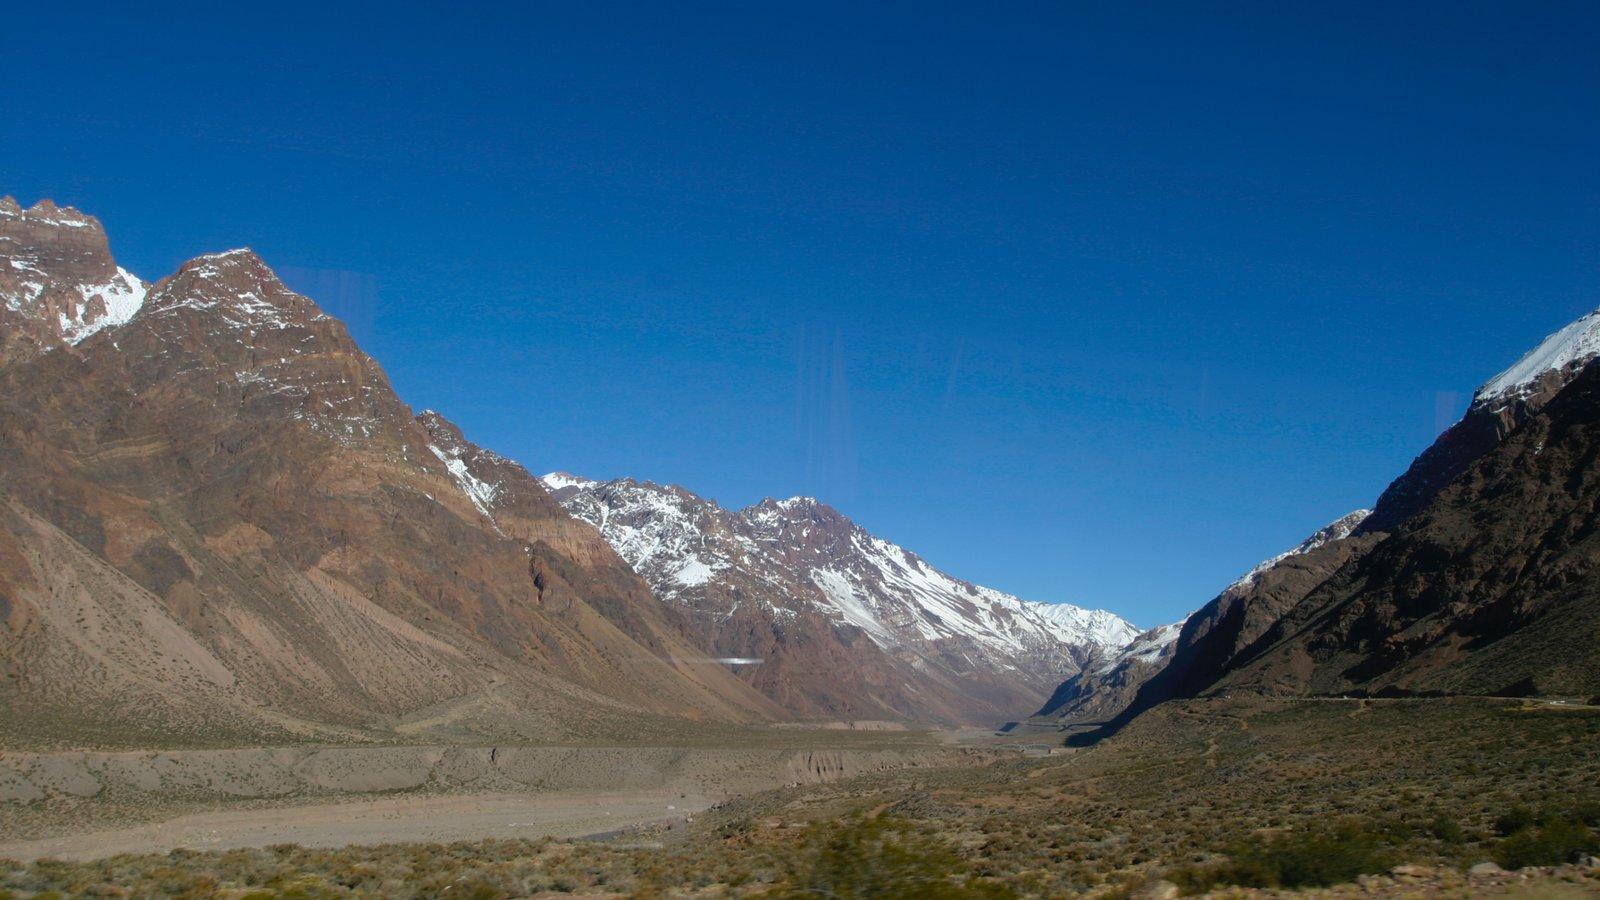 Região Vinícola de Mendoza caracterizando montanhas e paisagem